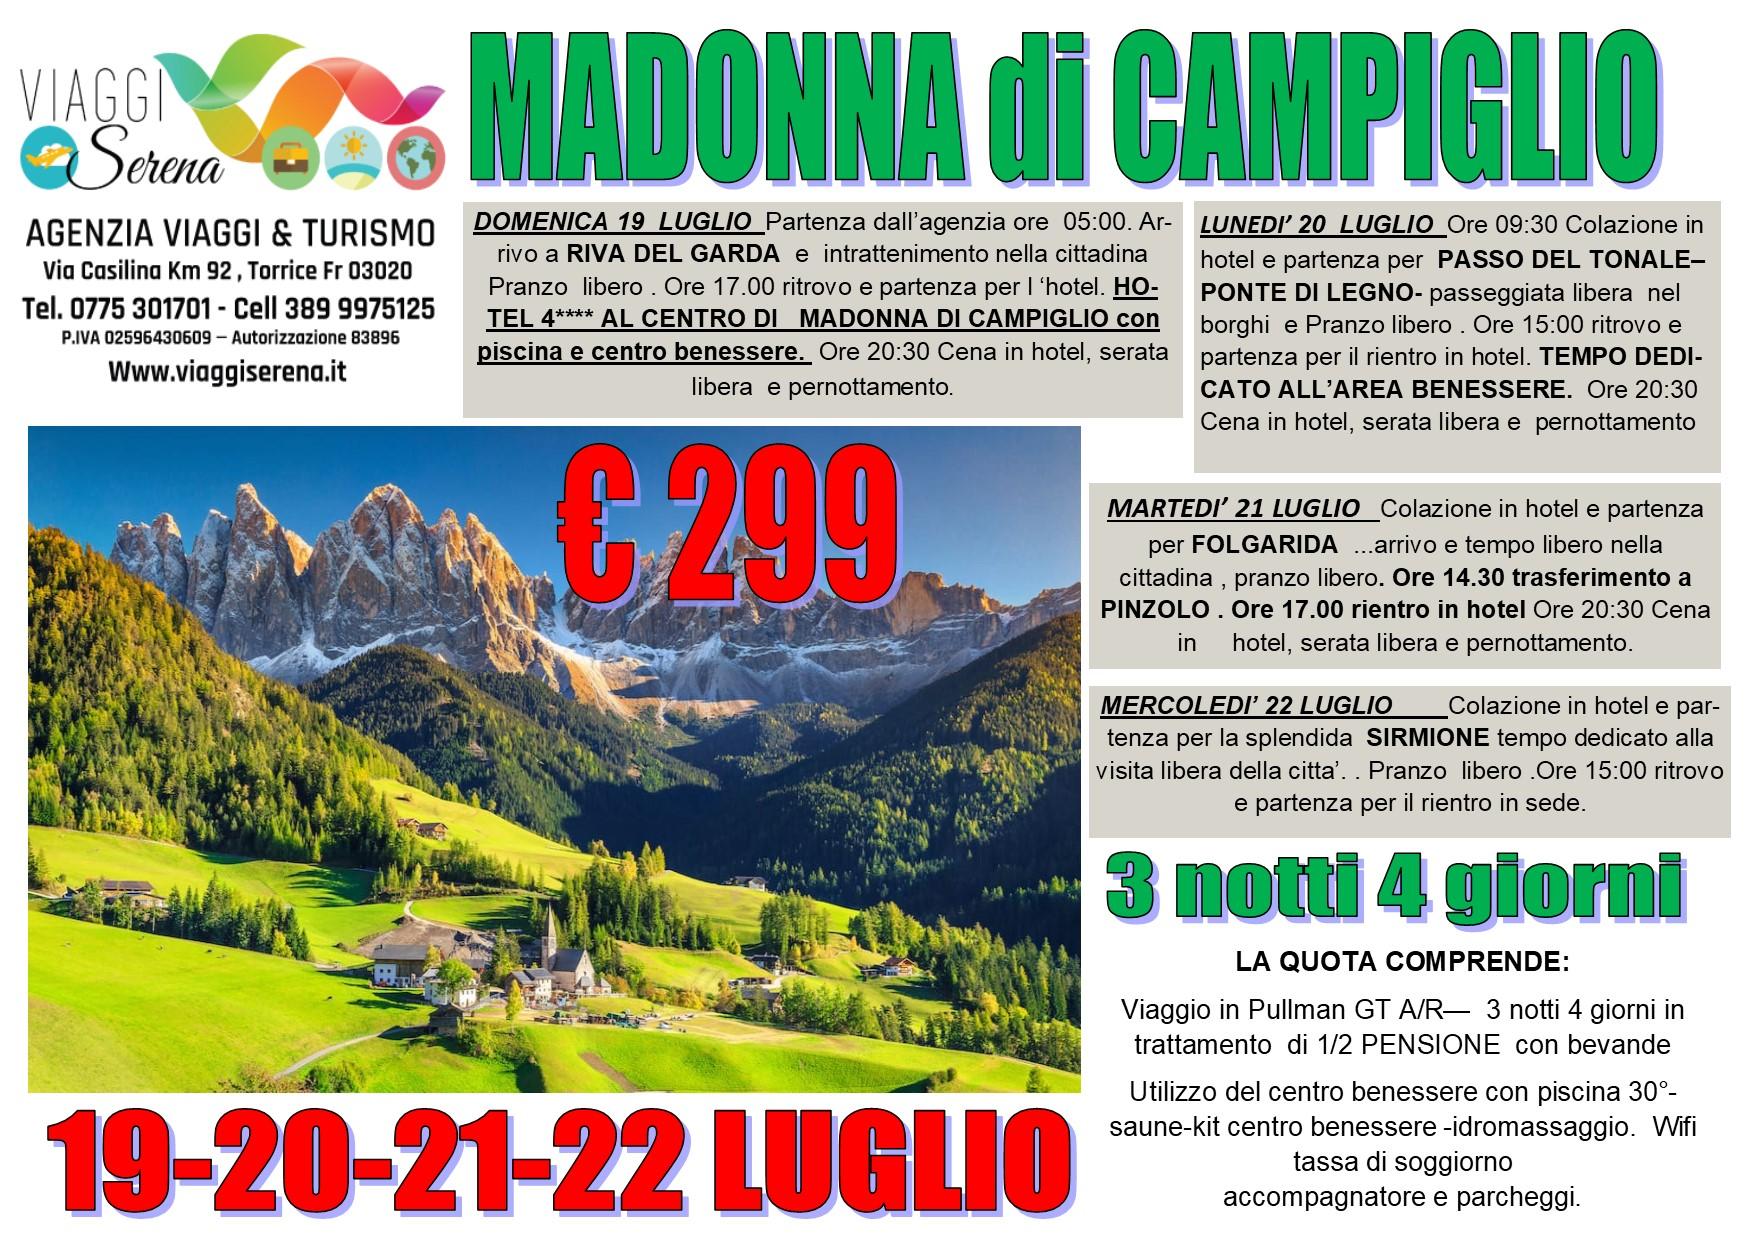 Viaggi di Gruppo: MADONNA di CAMPIGLIO, Passo del Tonale, Ponte di Legno, Folgarida… 19-20-21-22 Luglio € 299,00